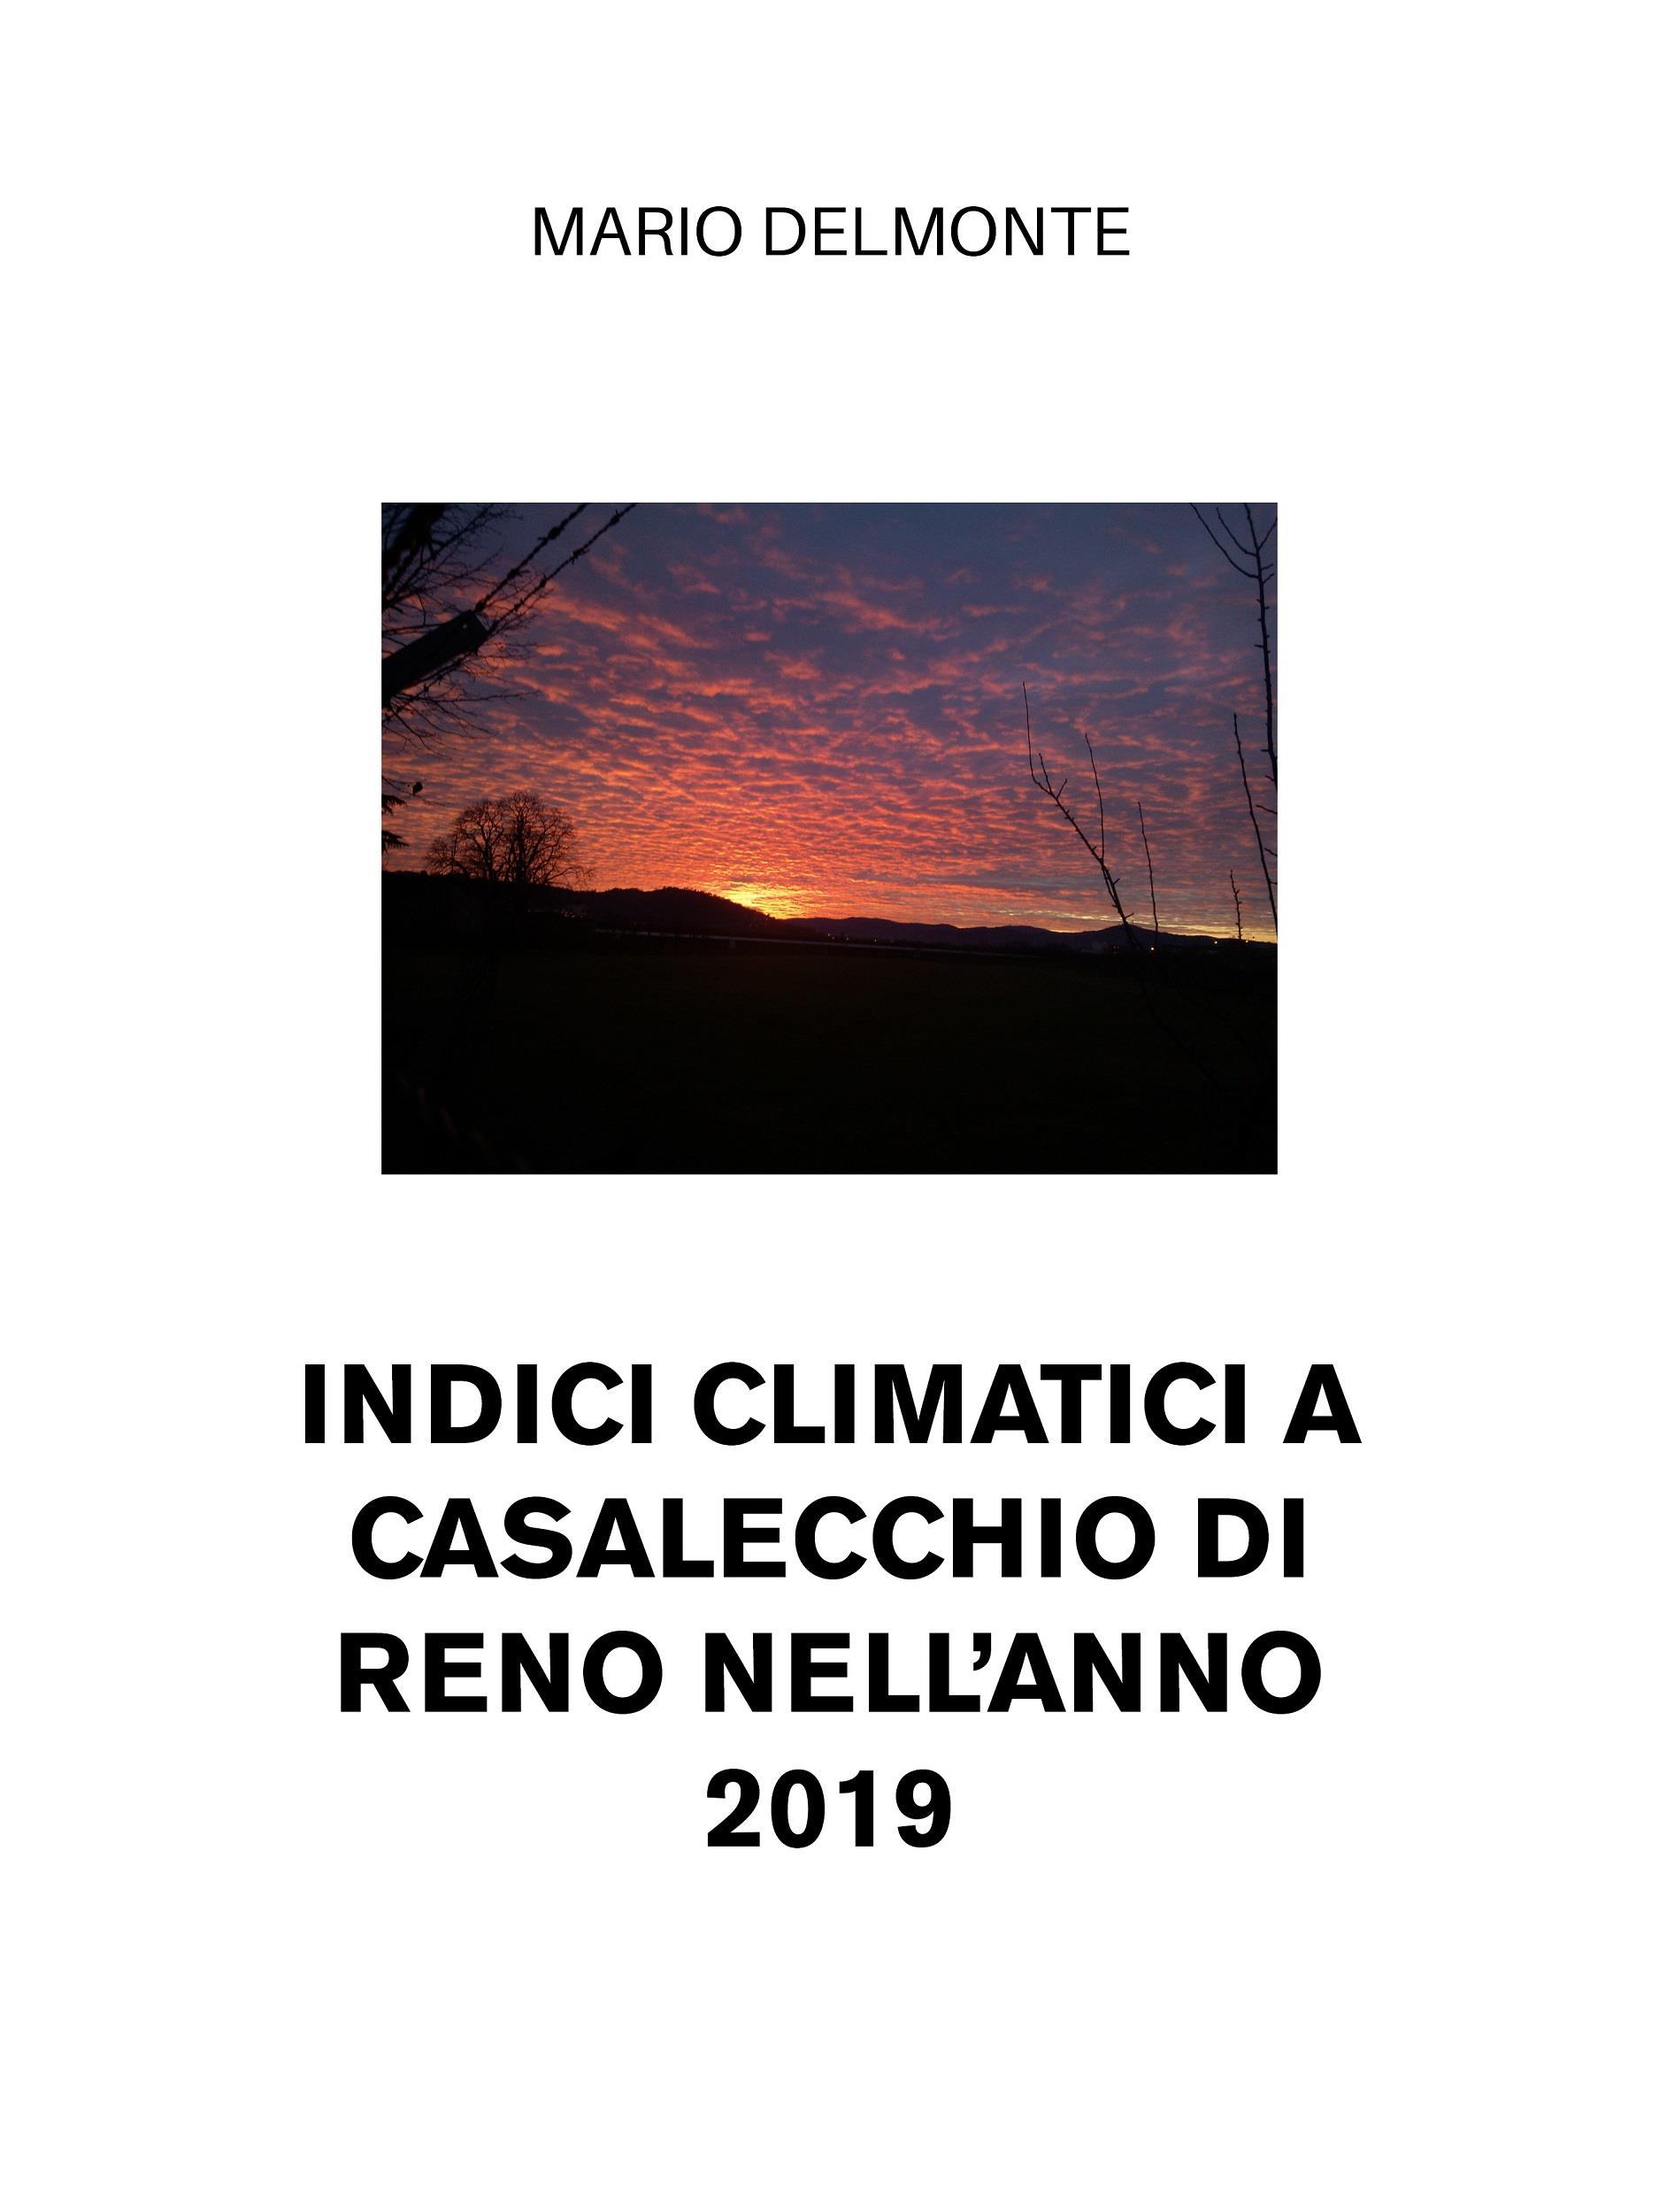 Indici climatici a Casalecchio di Reno nell'anno 2019